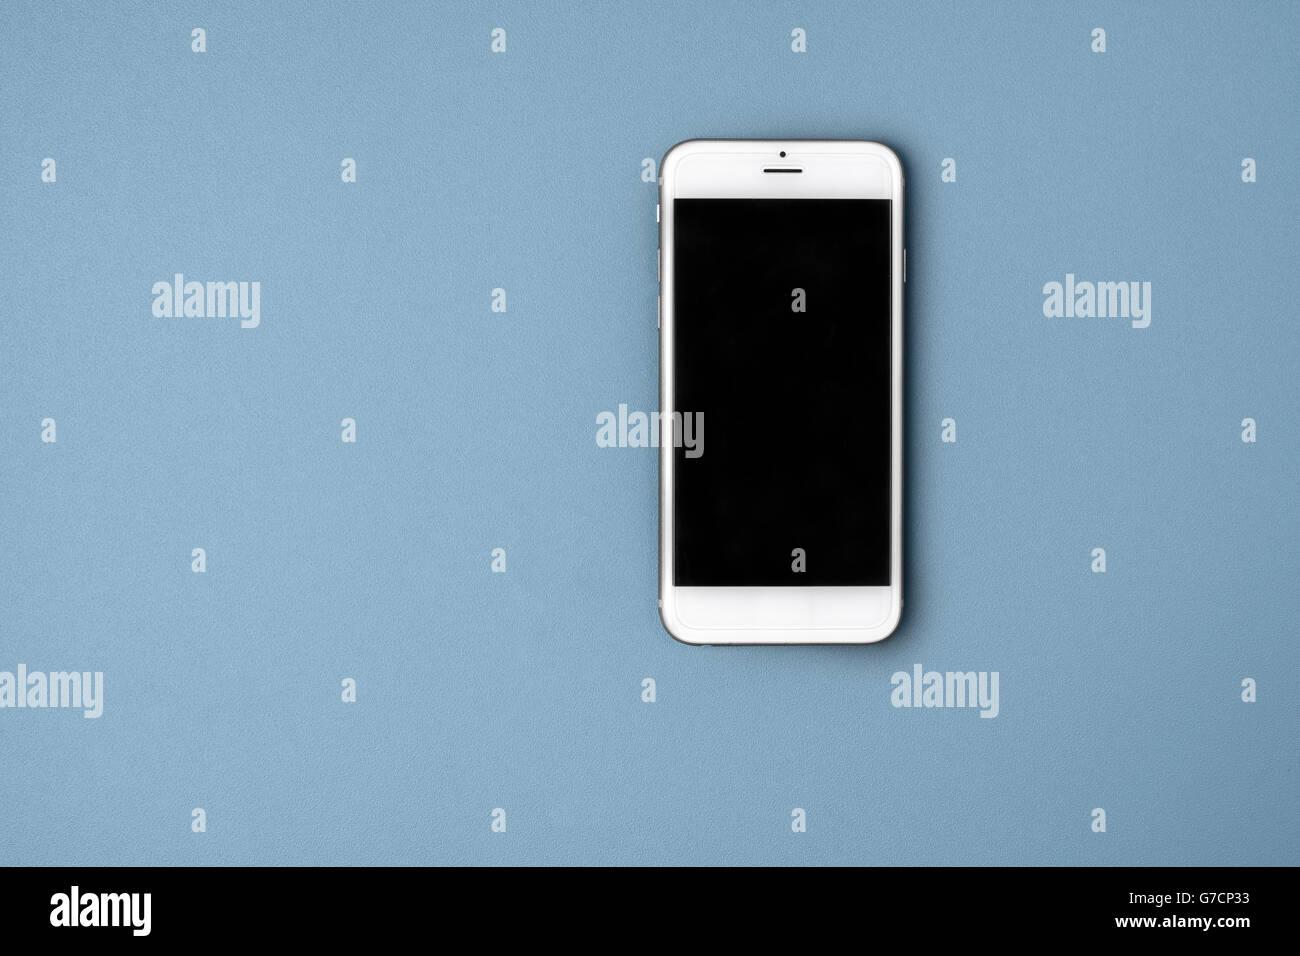 Leere Smartphone auf Hintergrund Stockbild